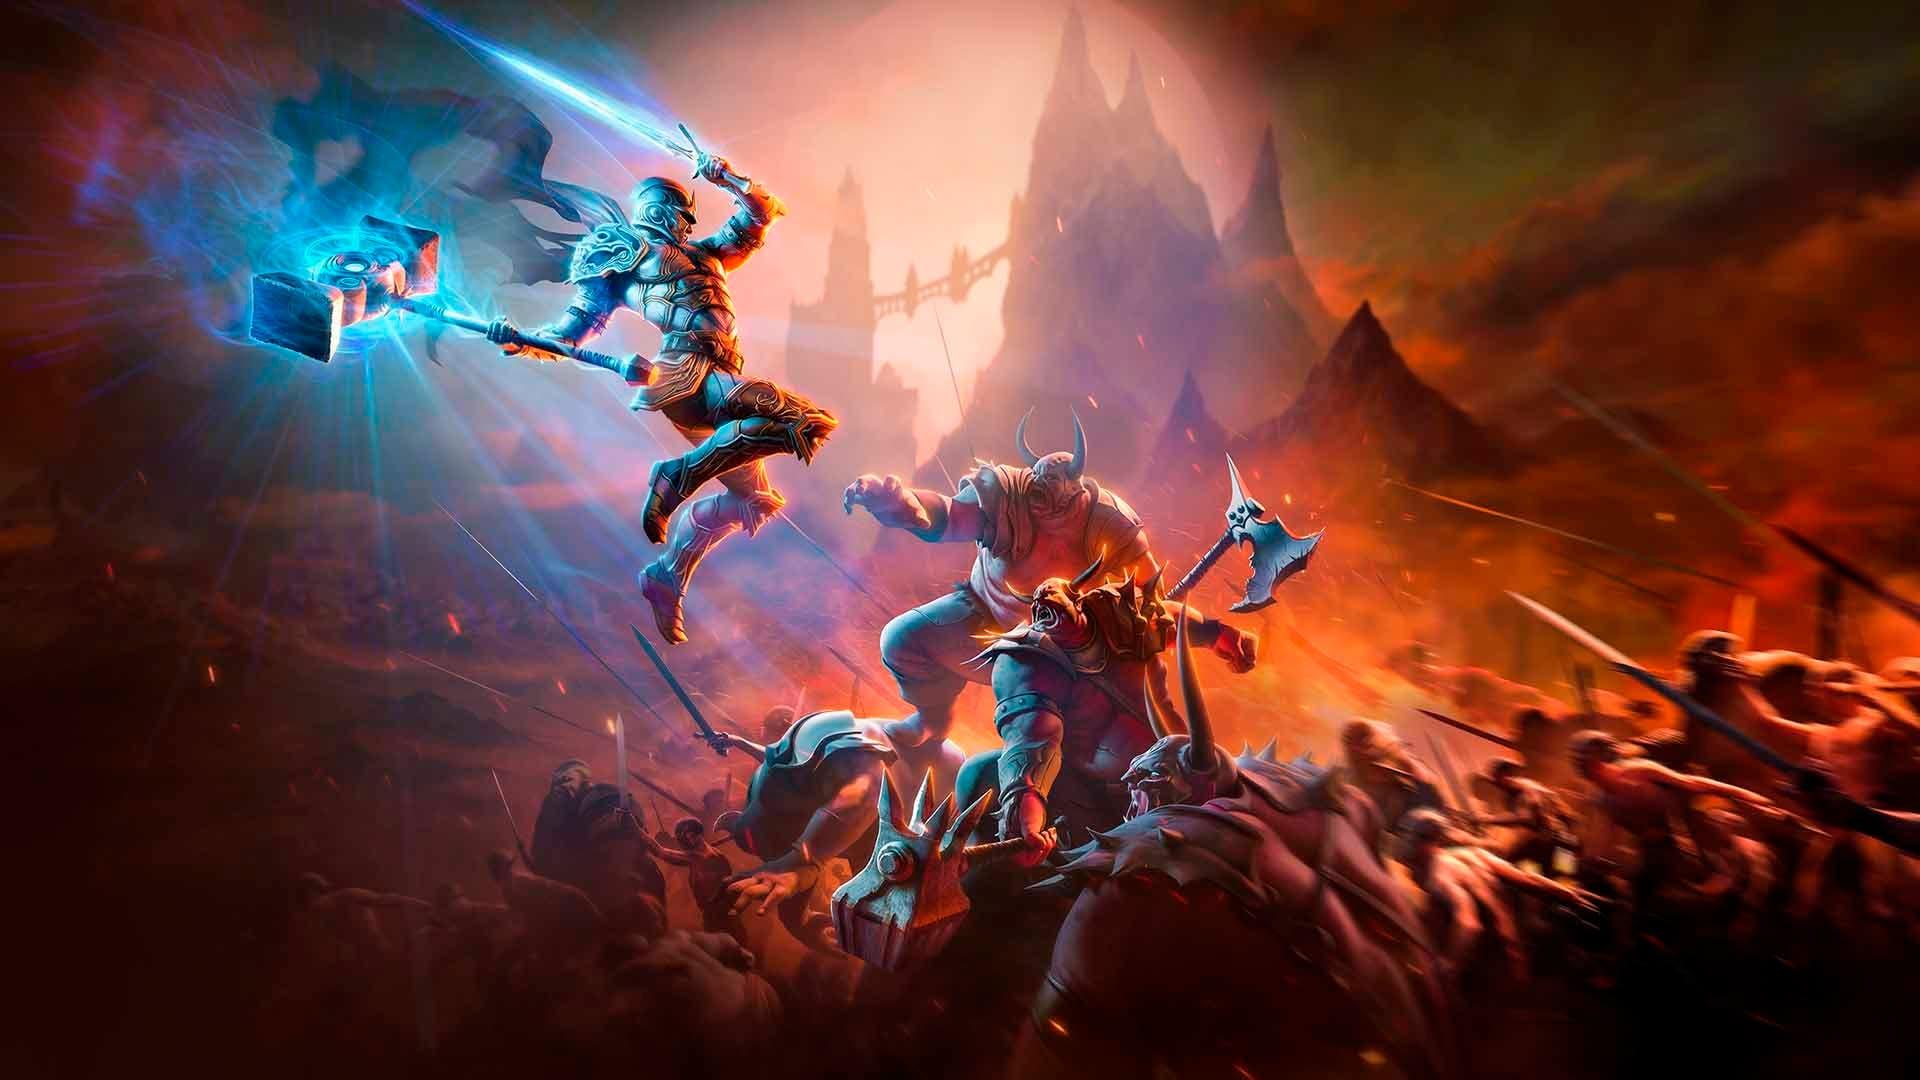 Se filtra la remasterización de Kingdoms of Amalur: Reckoning que llegaría en verano 4